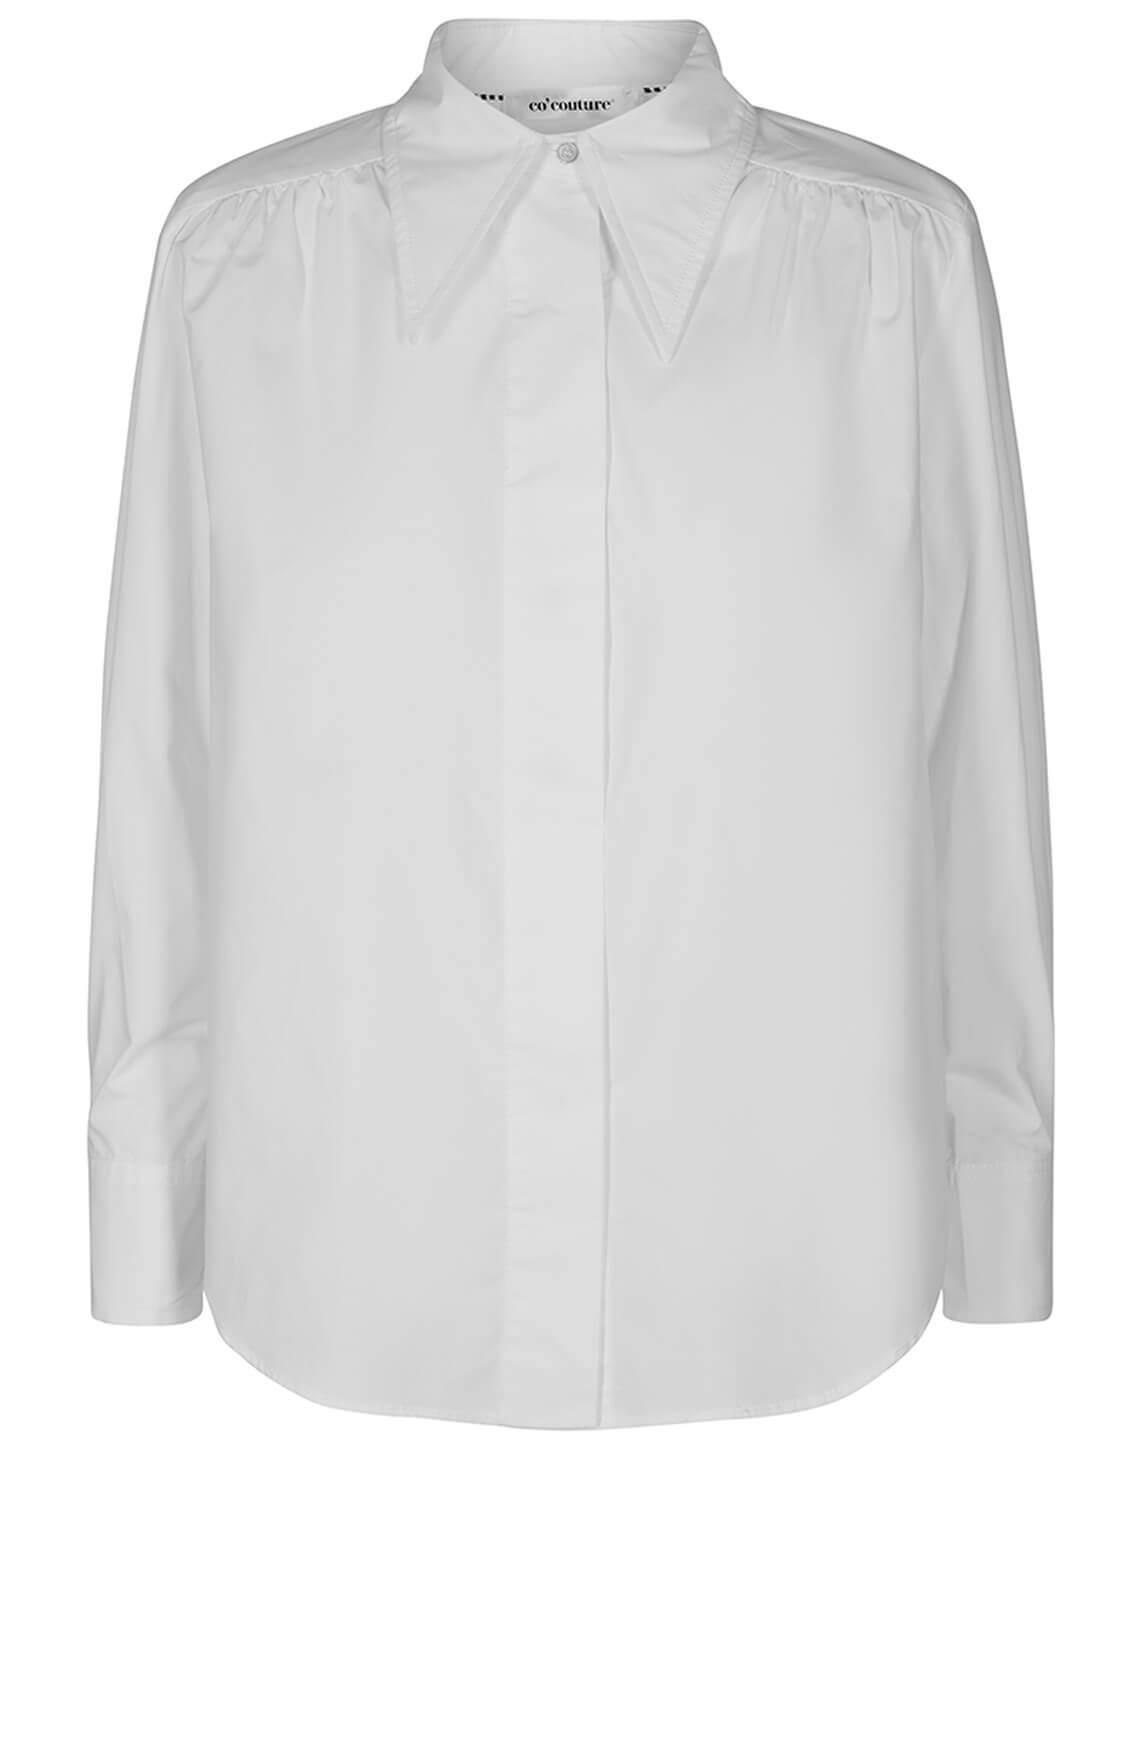 Co Couture Dames Coriolis blouse wit